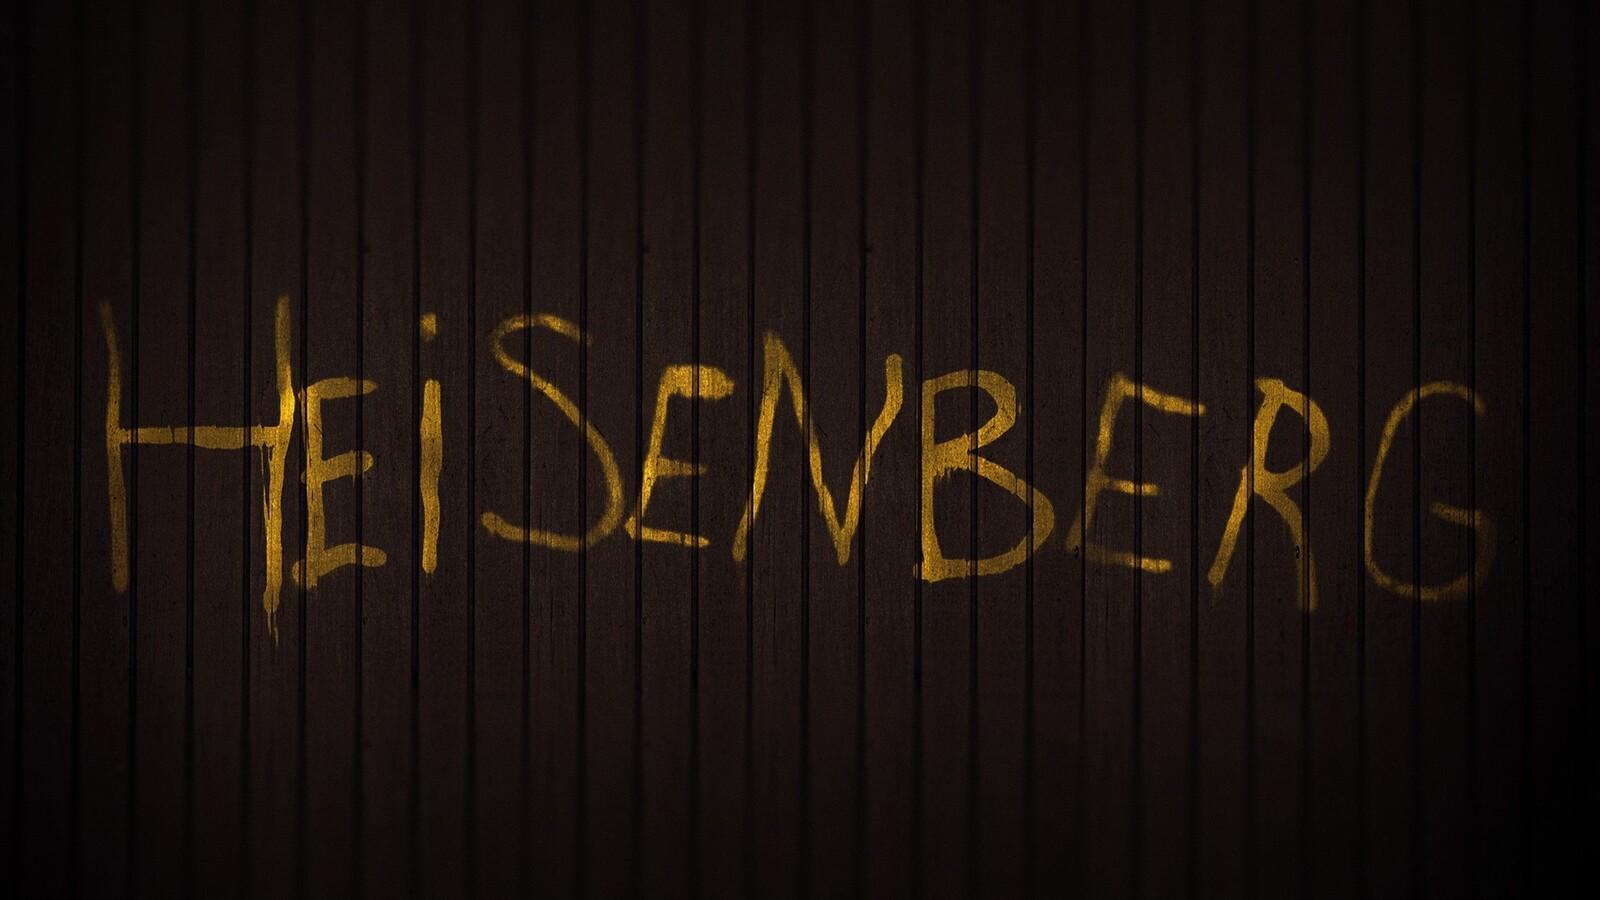 heisenberg-breaking-bad.jpg